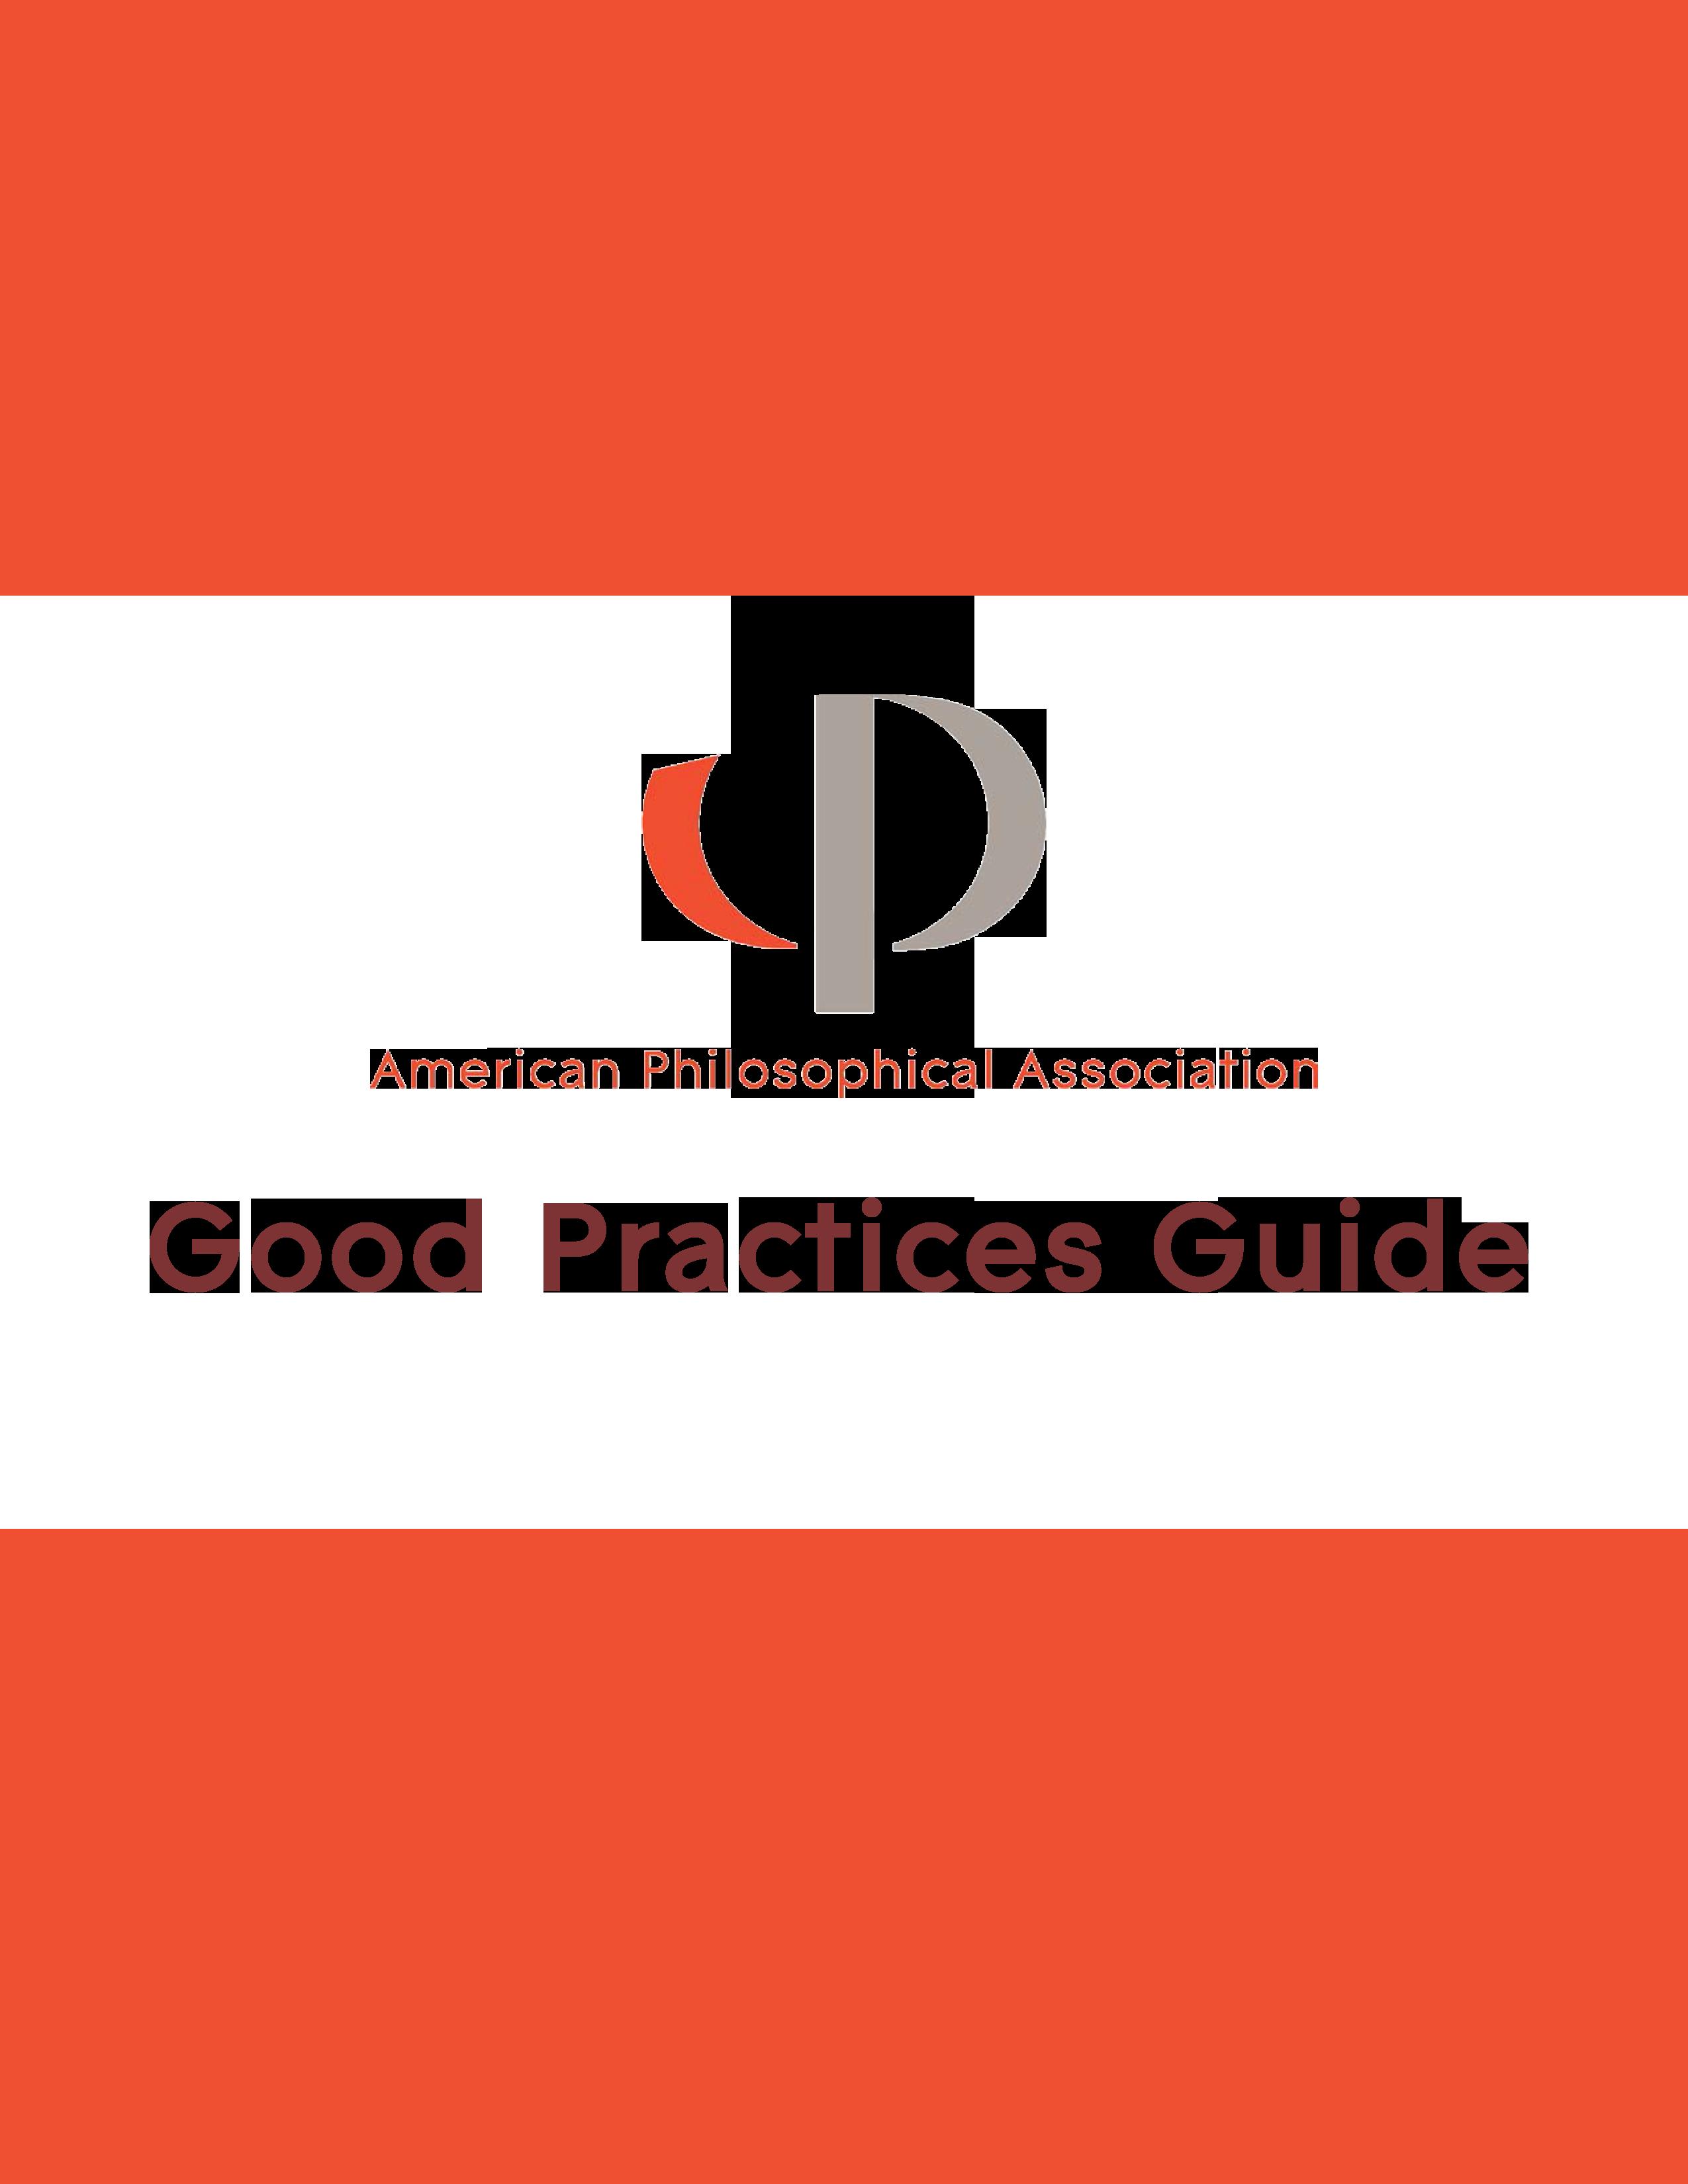 美国哲学协会发布新版《最佳实践指南》(图)